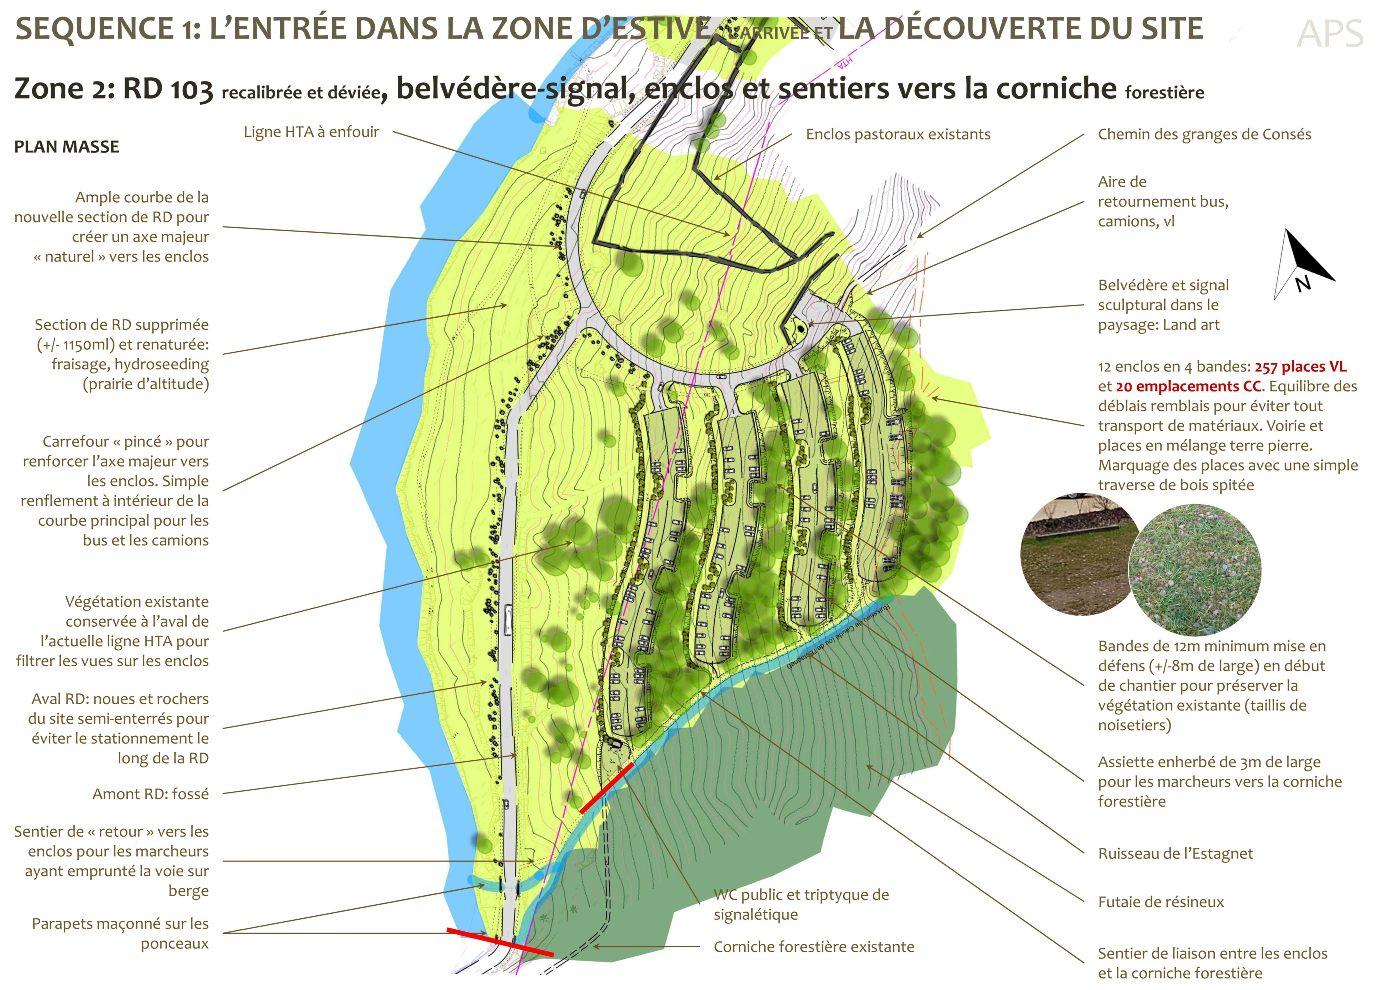 AVP, plan masse détaillé zone 2